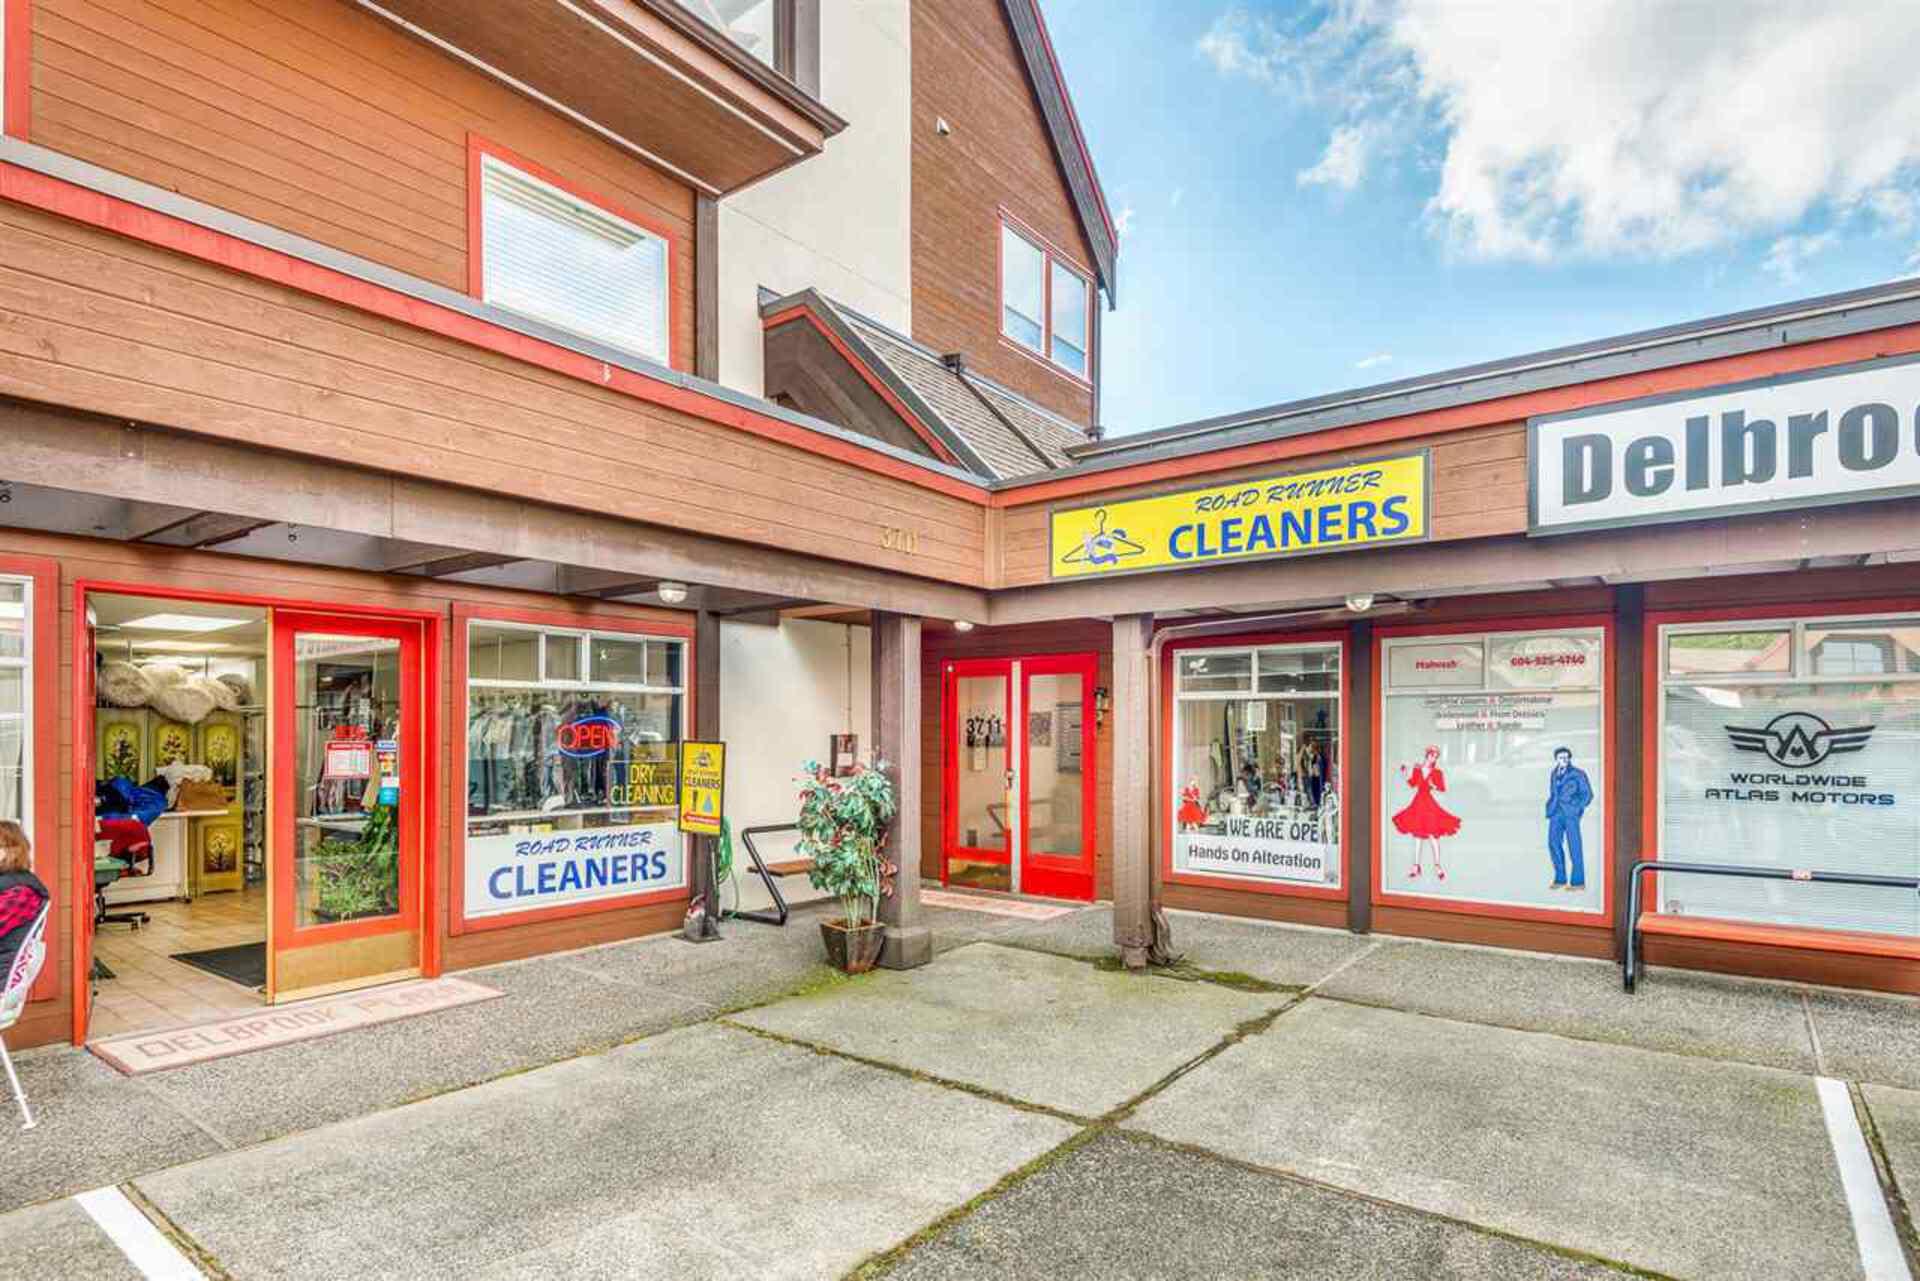 3711-delbrook-avenue-upper-delbrook-north-vancouver-17 at 203 - 3711 Delbrook Avenue, Upper Delbrook, North Vancouver